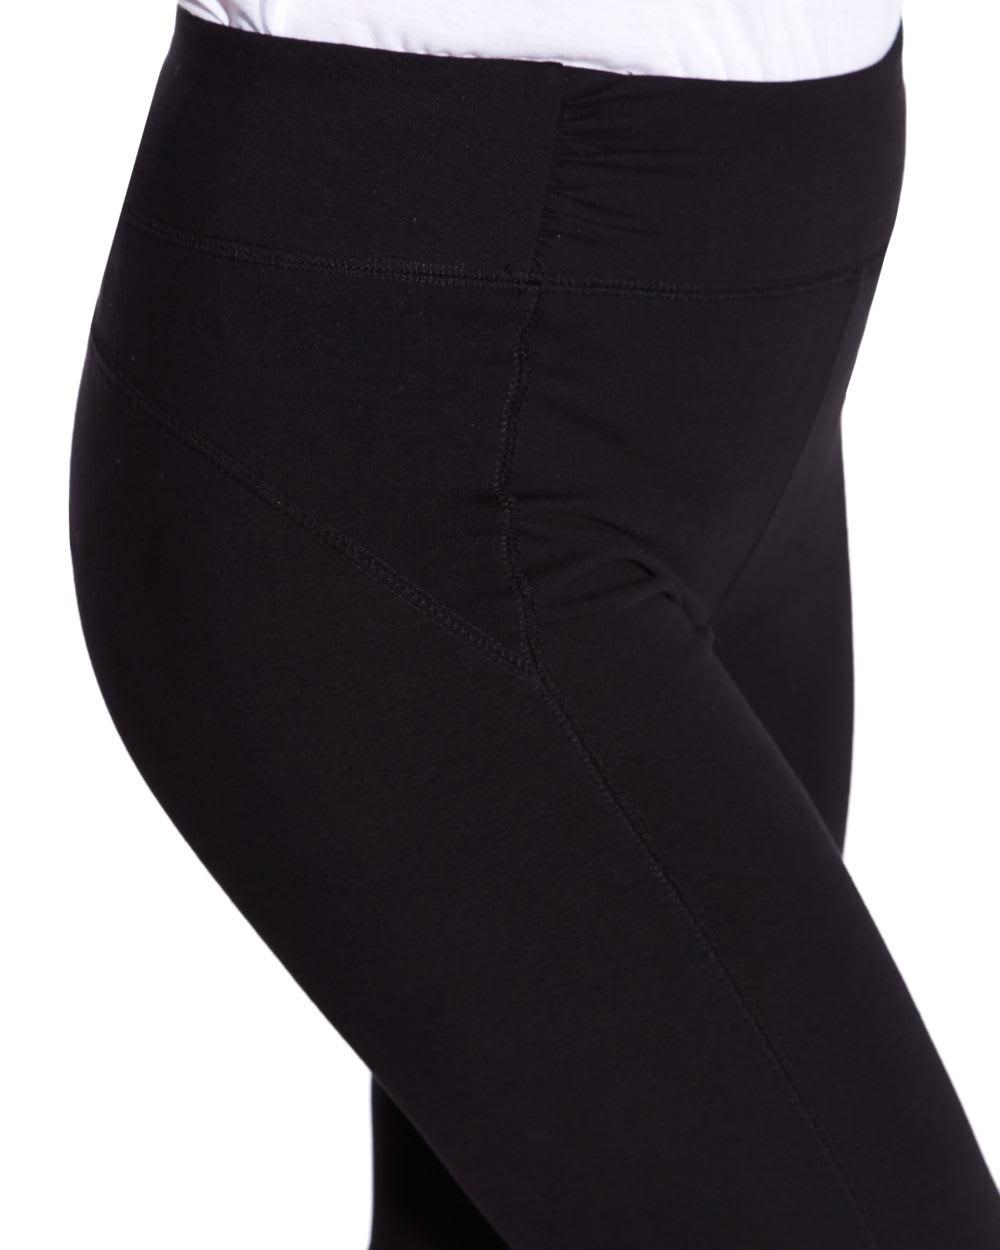 Hyba Yoga Pants